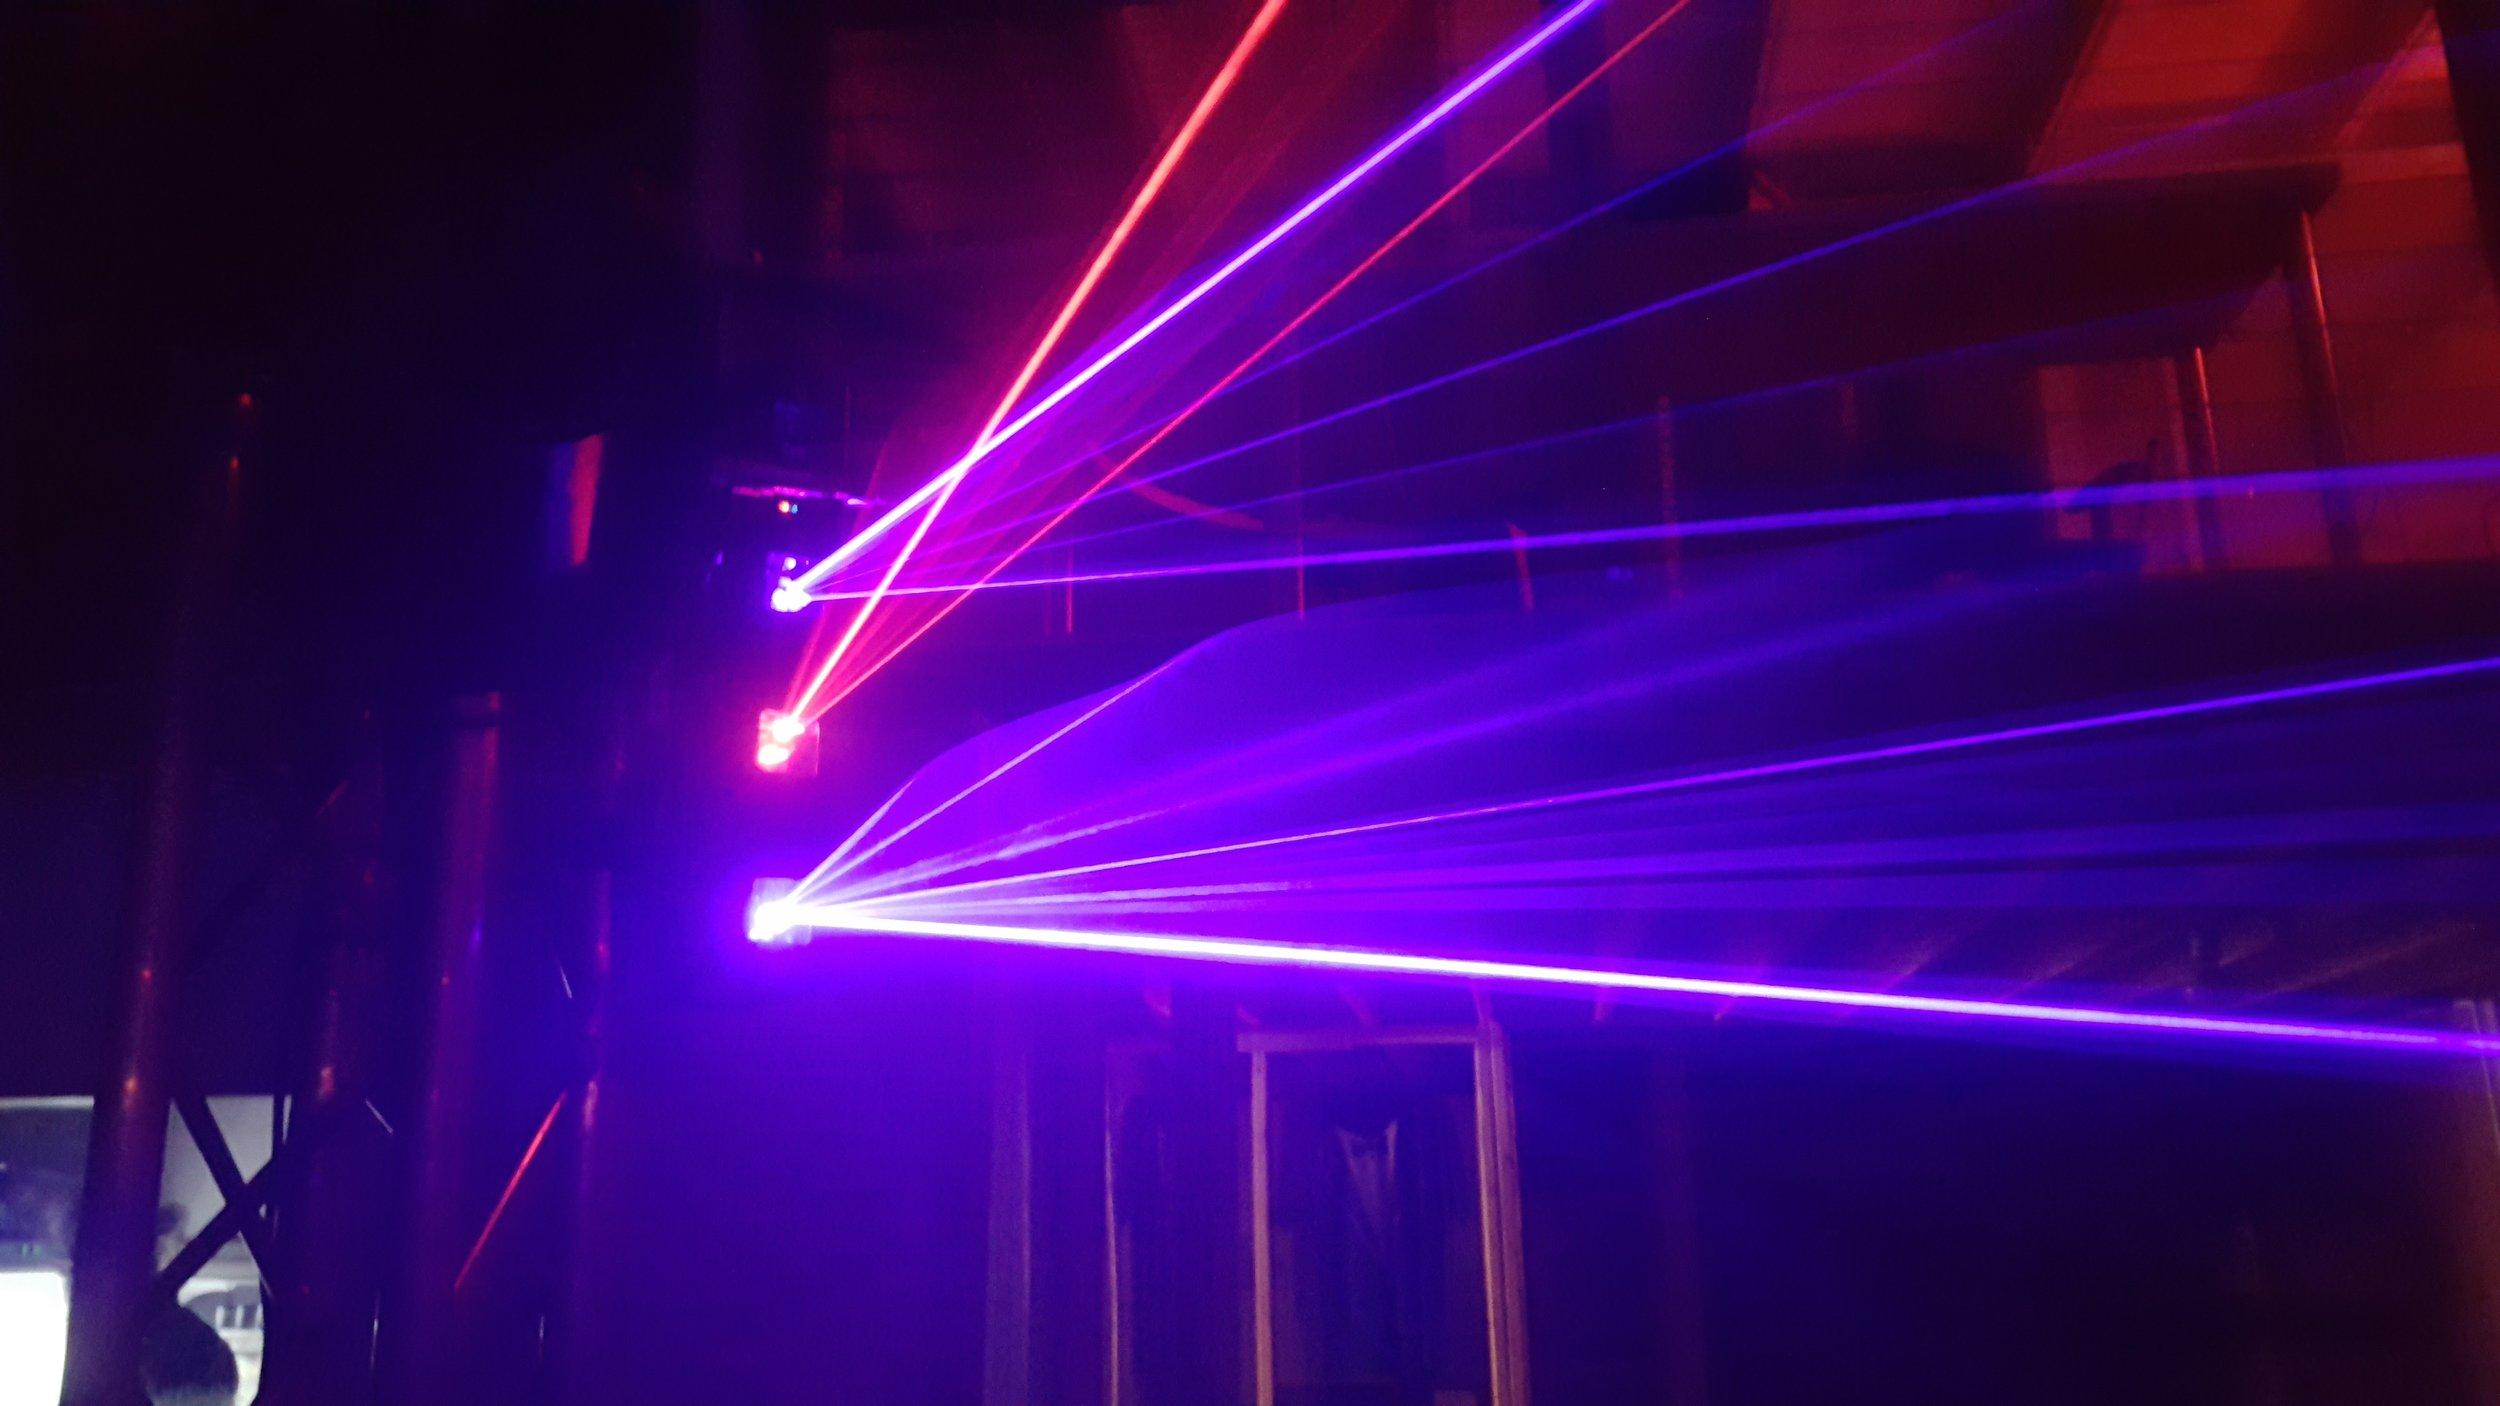 Moving Laser Lights for DJ Lighting